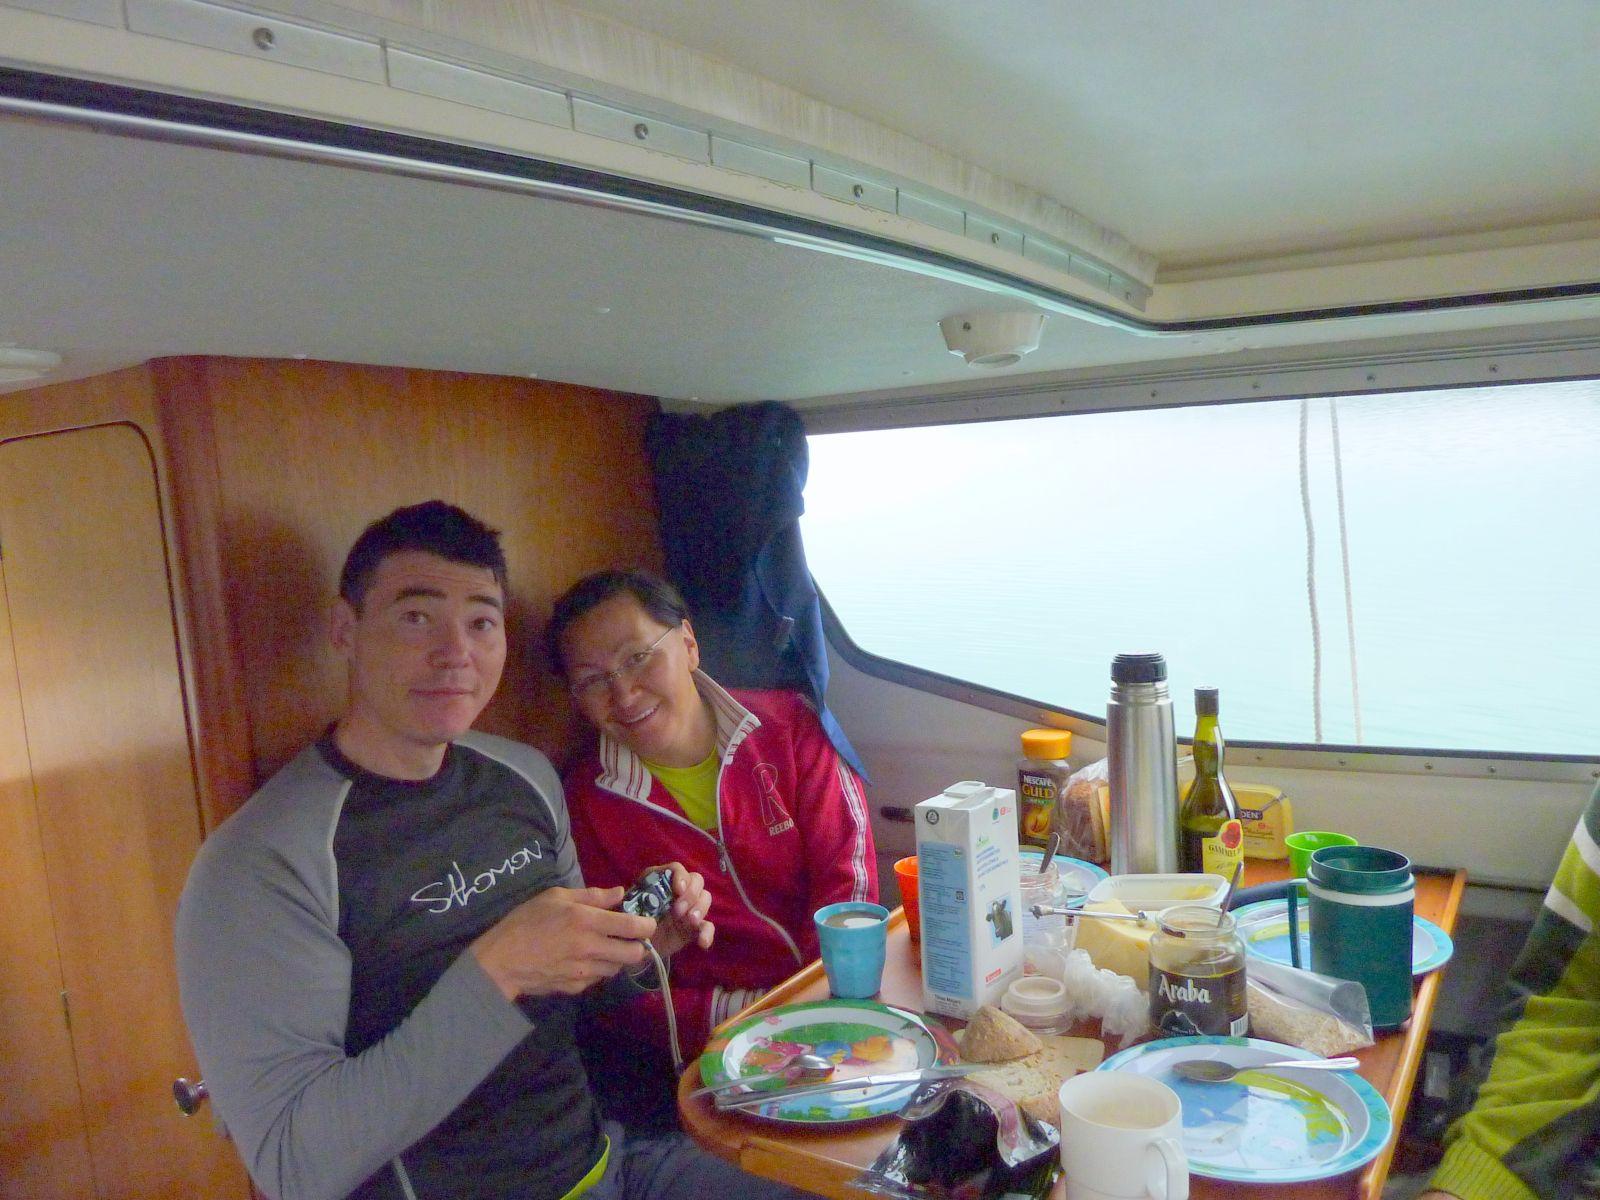 2010-09-05-0953_-_John Telling; Nuka Klausen Telling